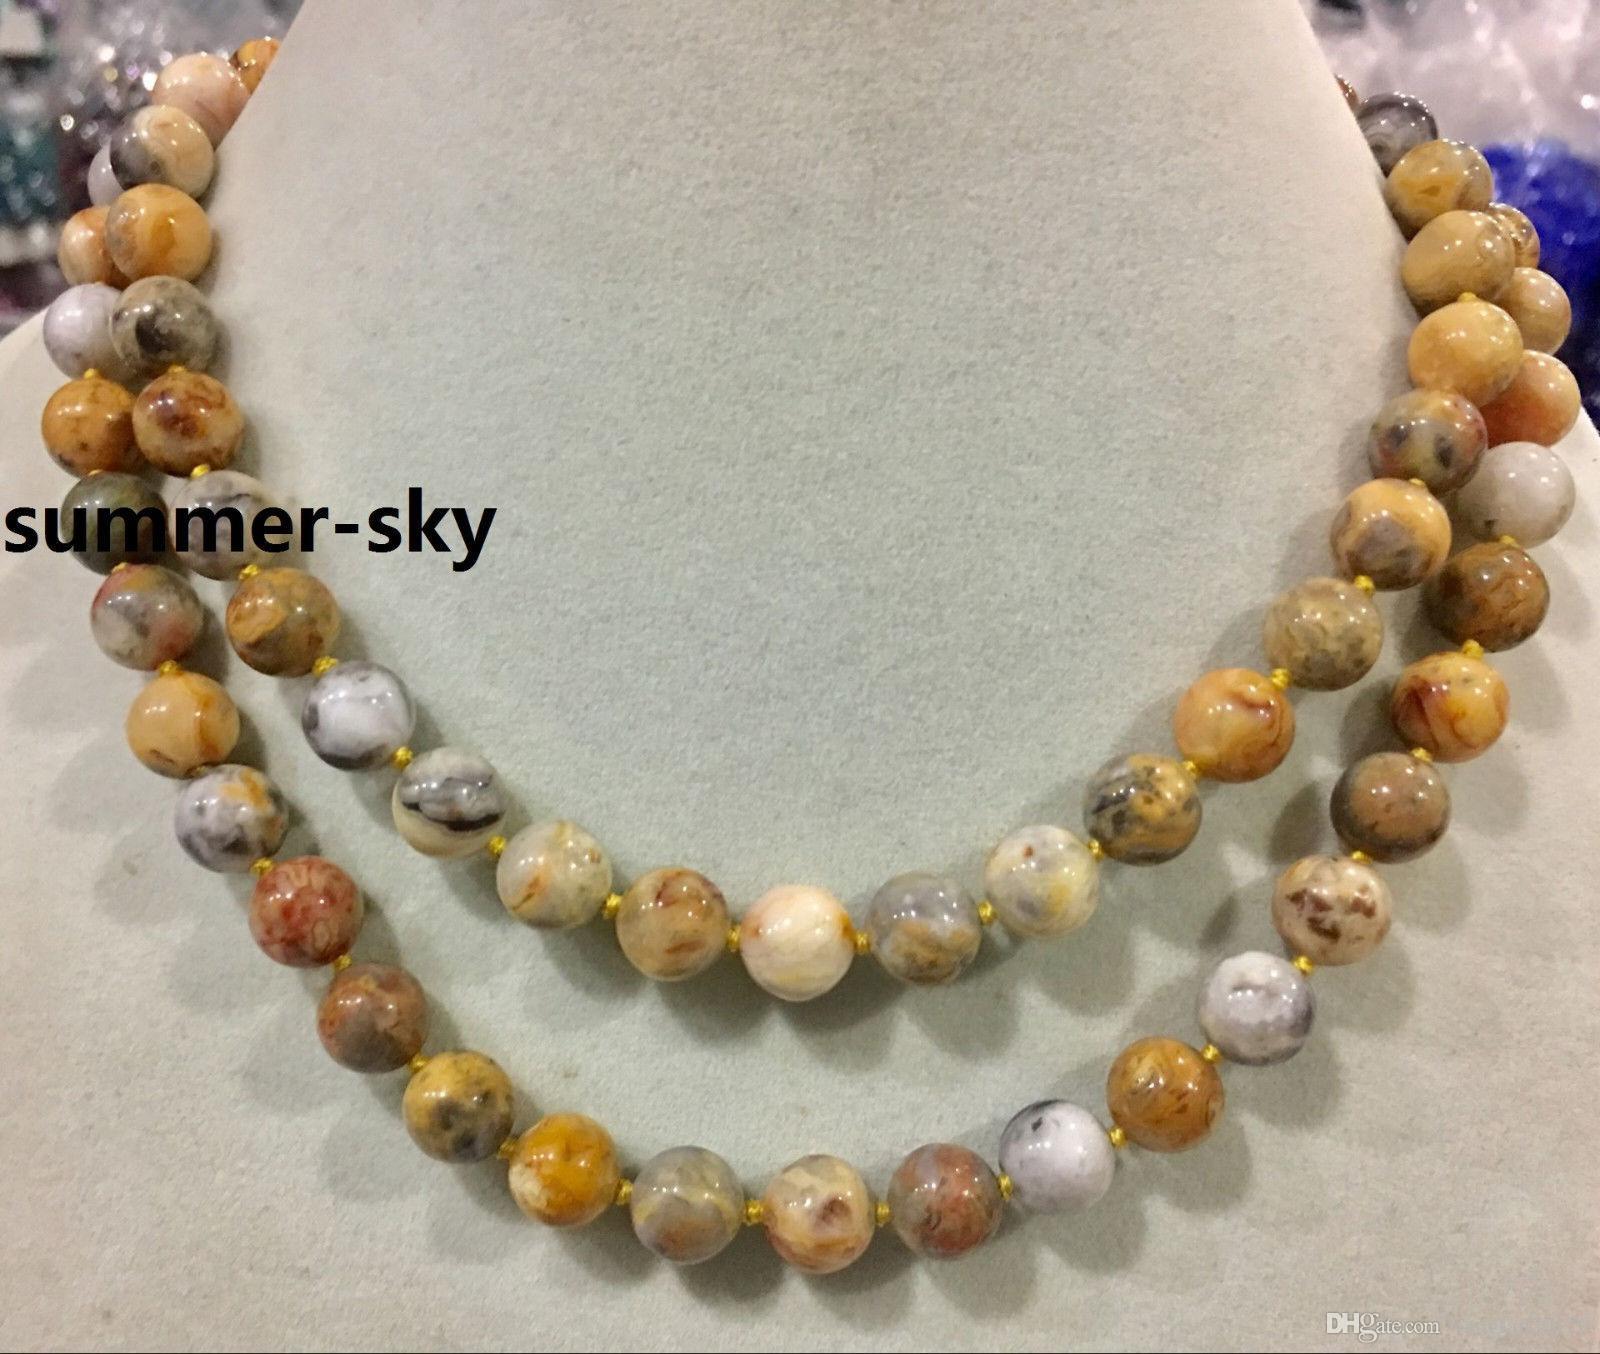 a0b16d957572 Compre Ágata Amarilla Loca De 10MM Collar De Cuentas Redondas De Piedras  Preciosas 18 100 AAA A  7.23 Del Yangfan20170